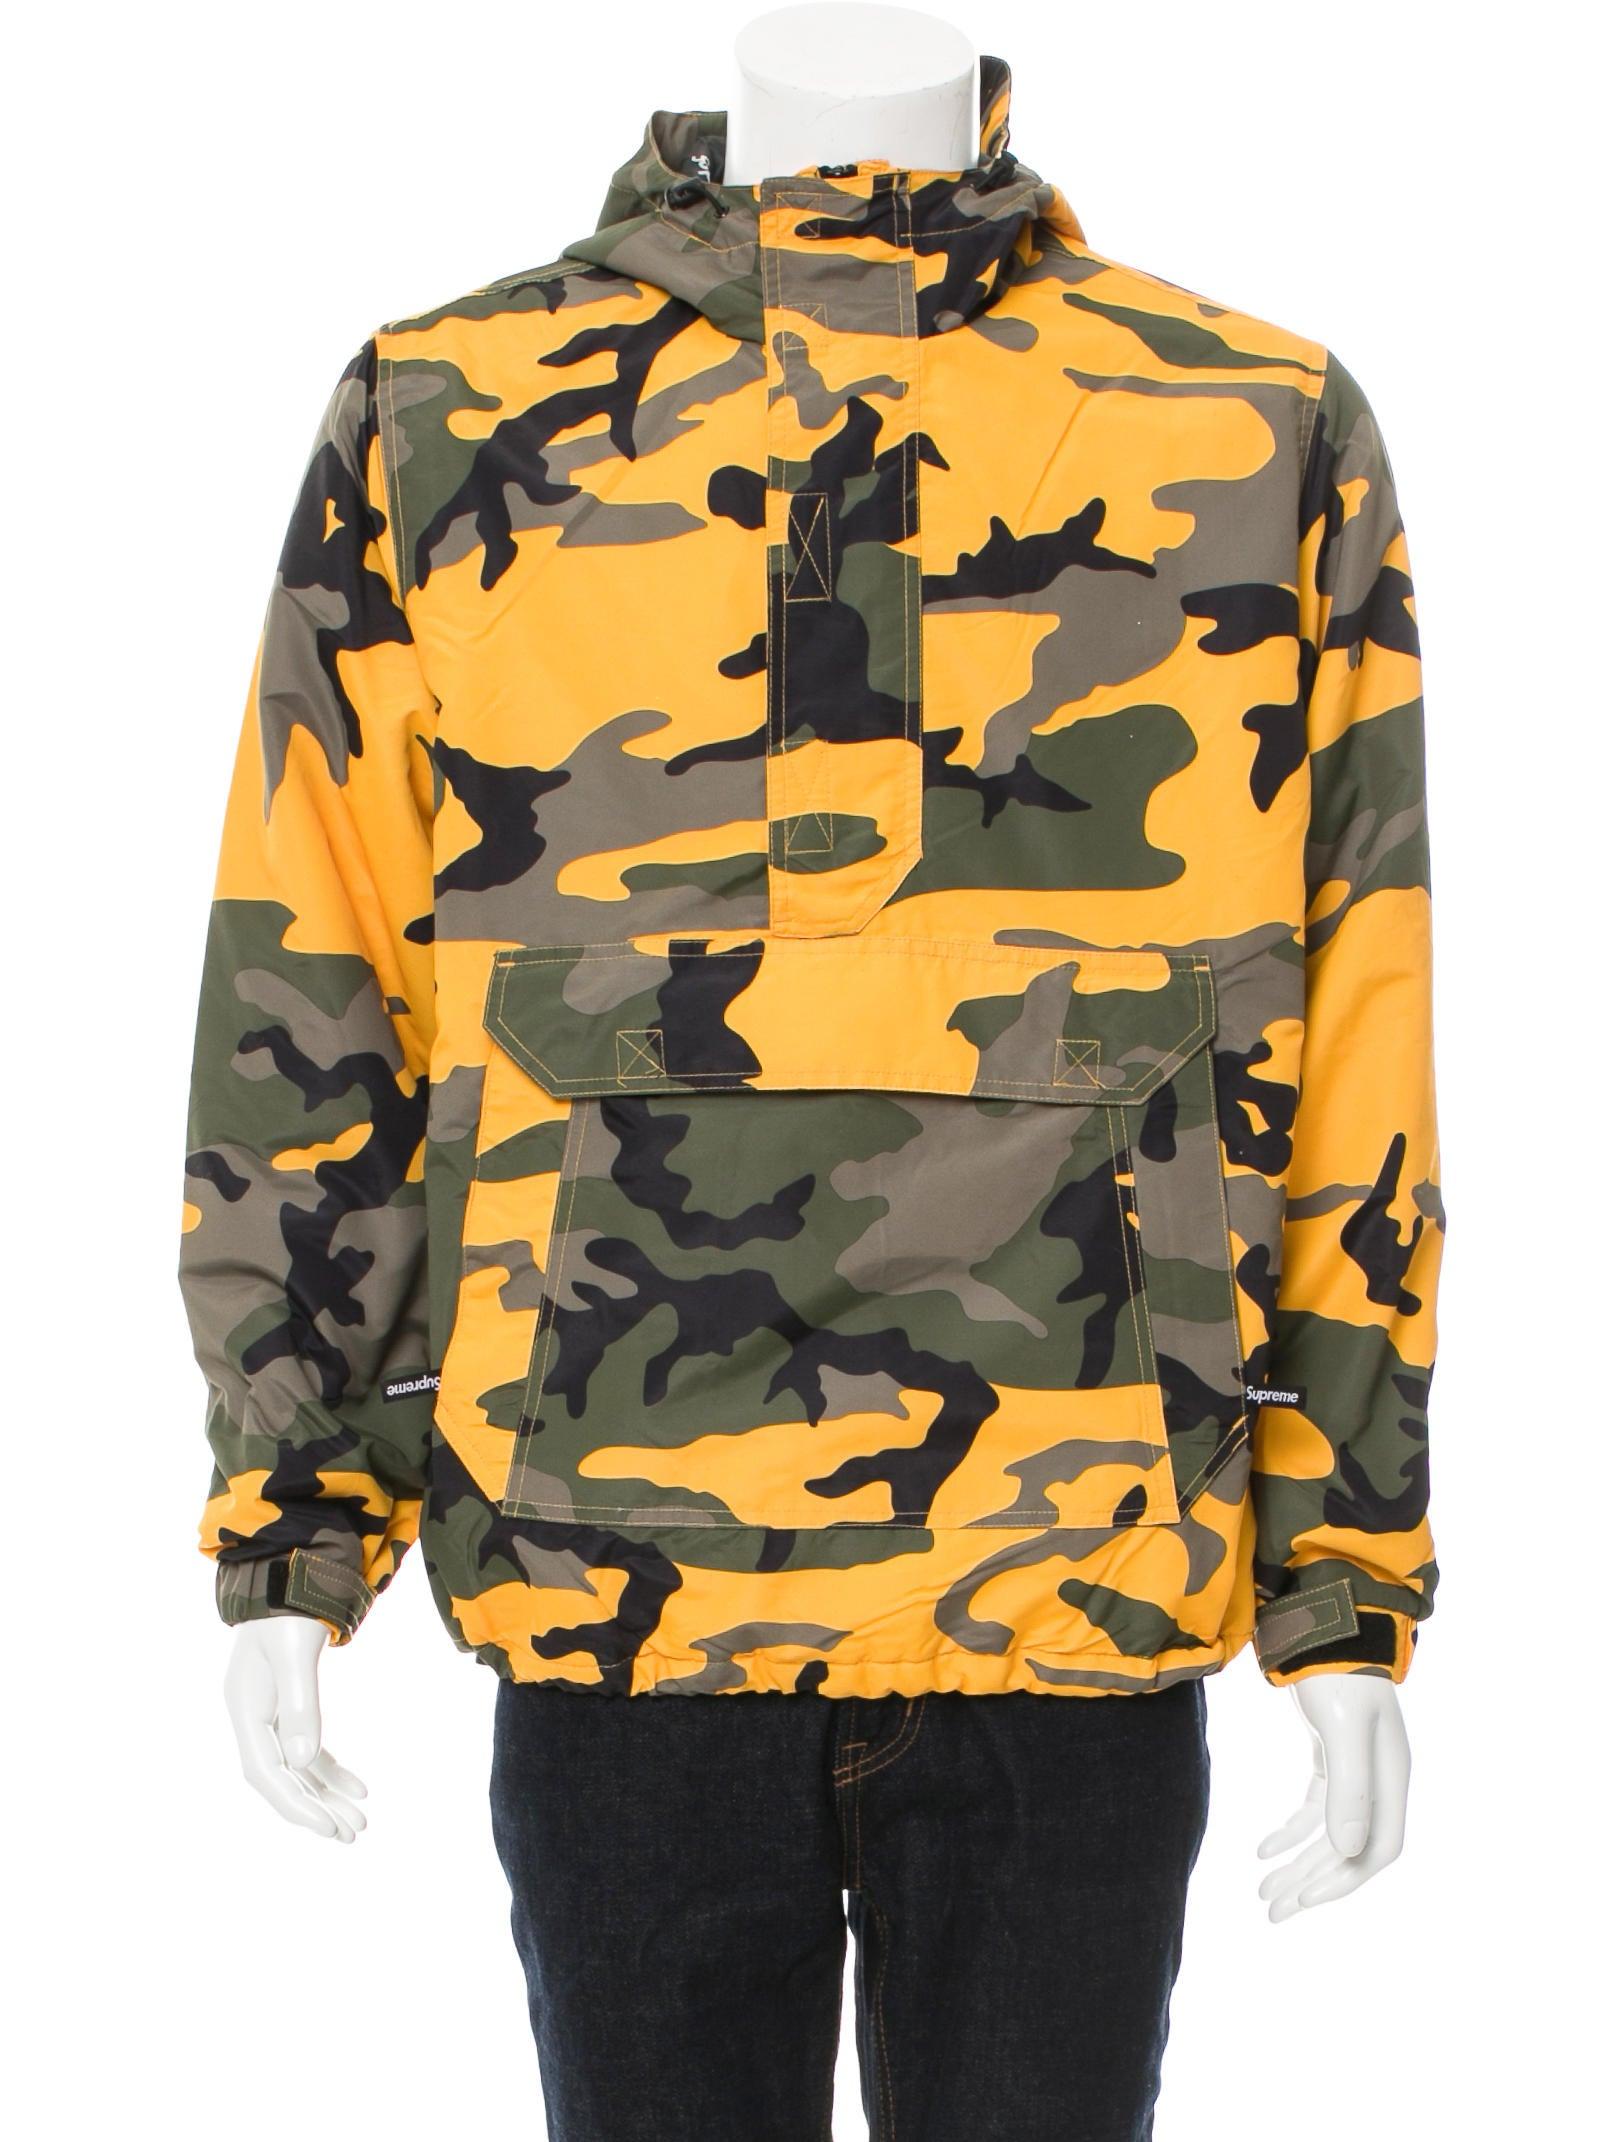 Supreme Logo Camouflage Jacket - Clothing - WSPME21105 ...